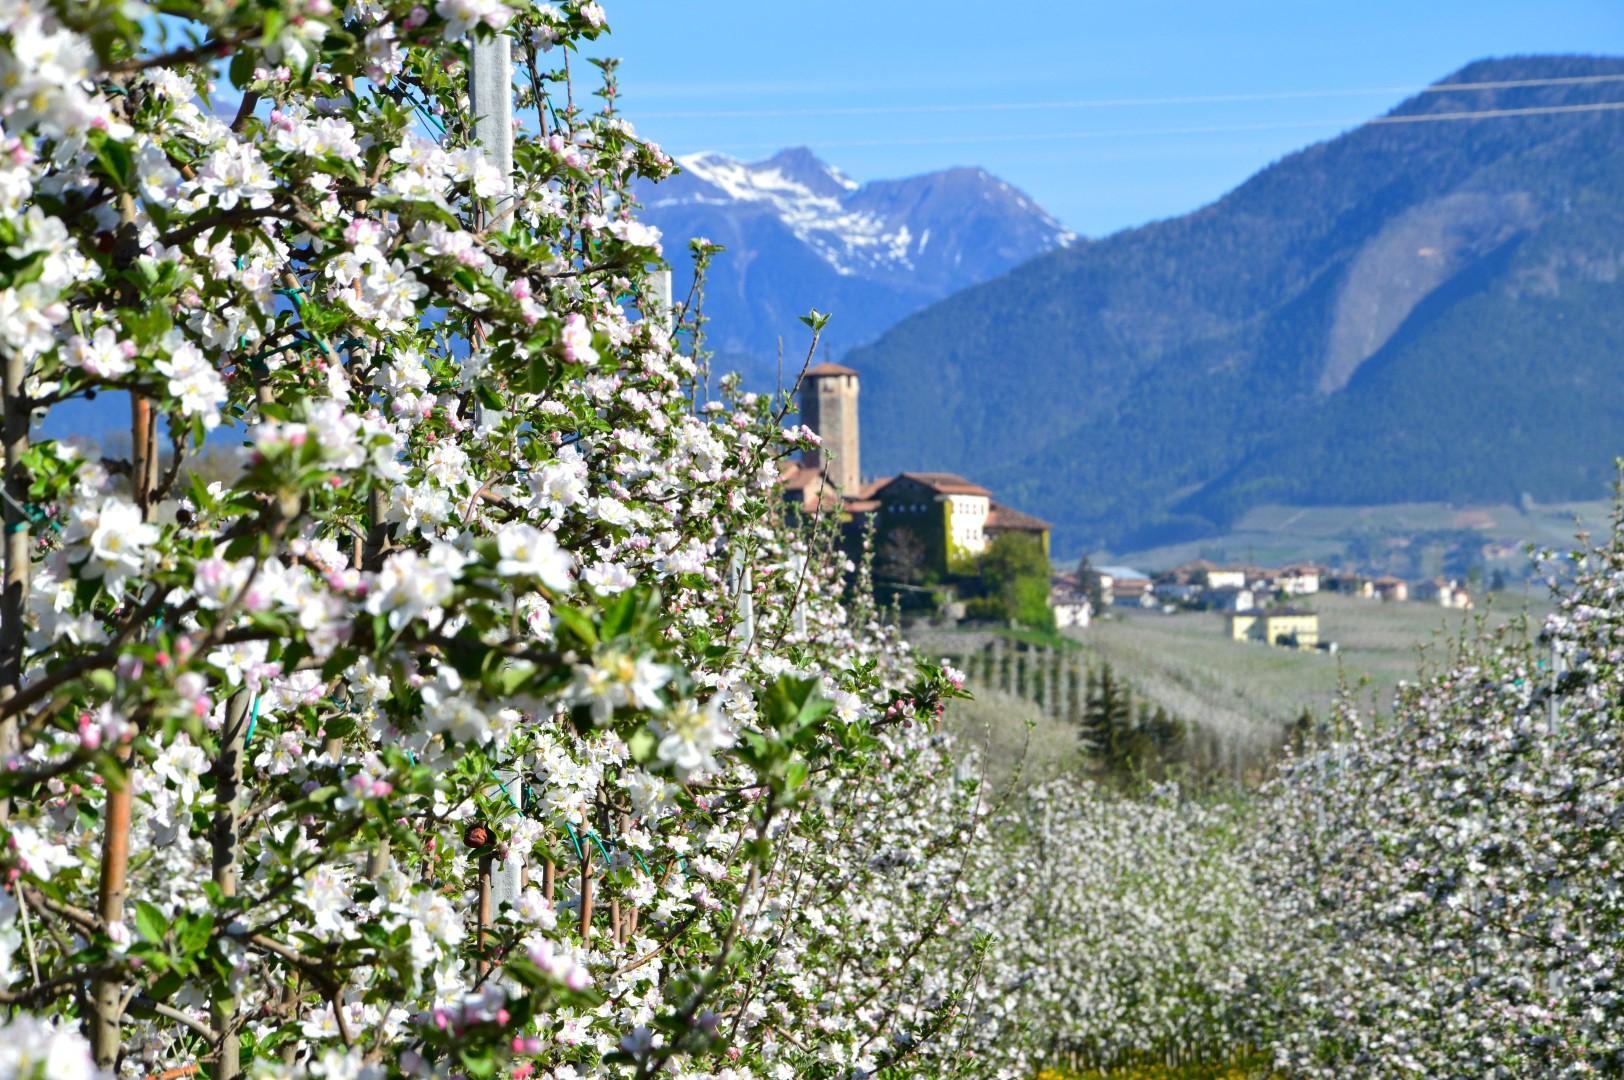 Trentino aprile tutto un dolce fiorire tgcom24 for Apri le foto del piano